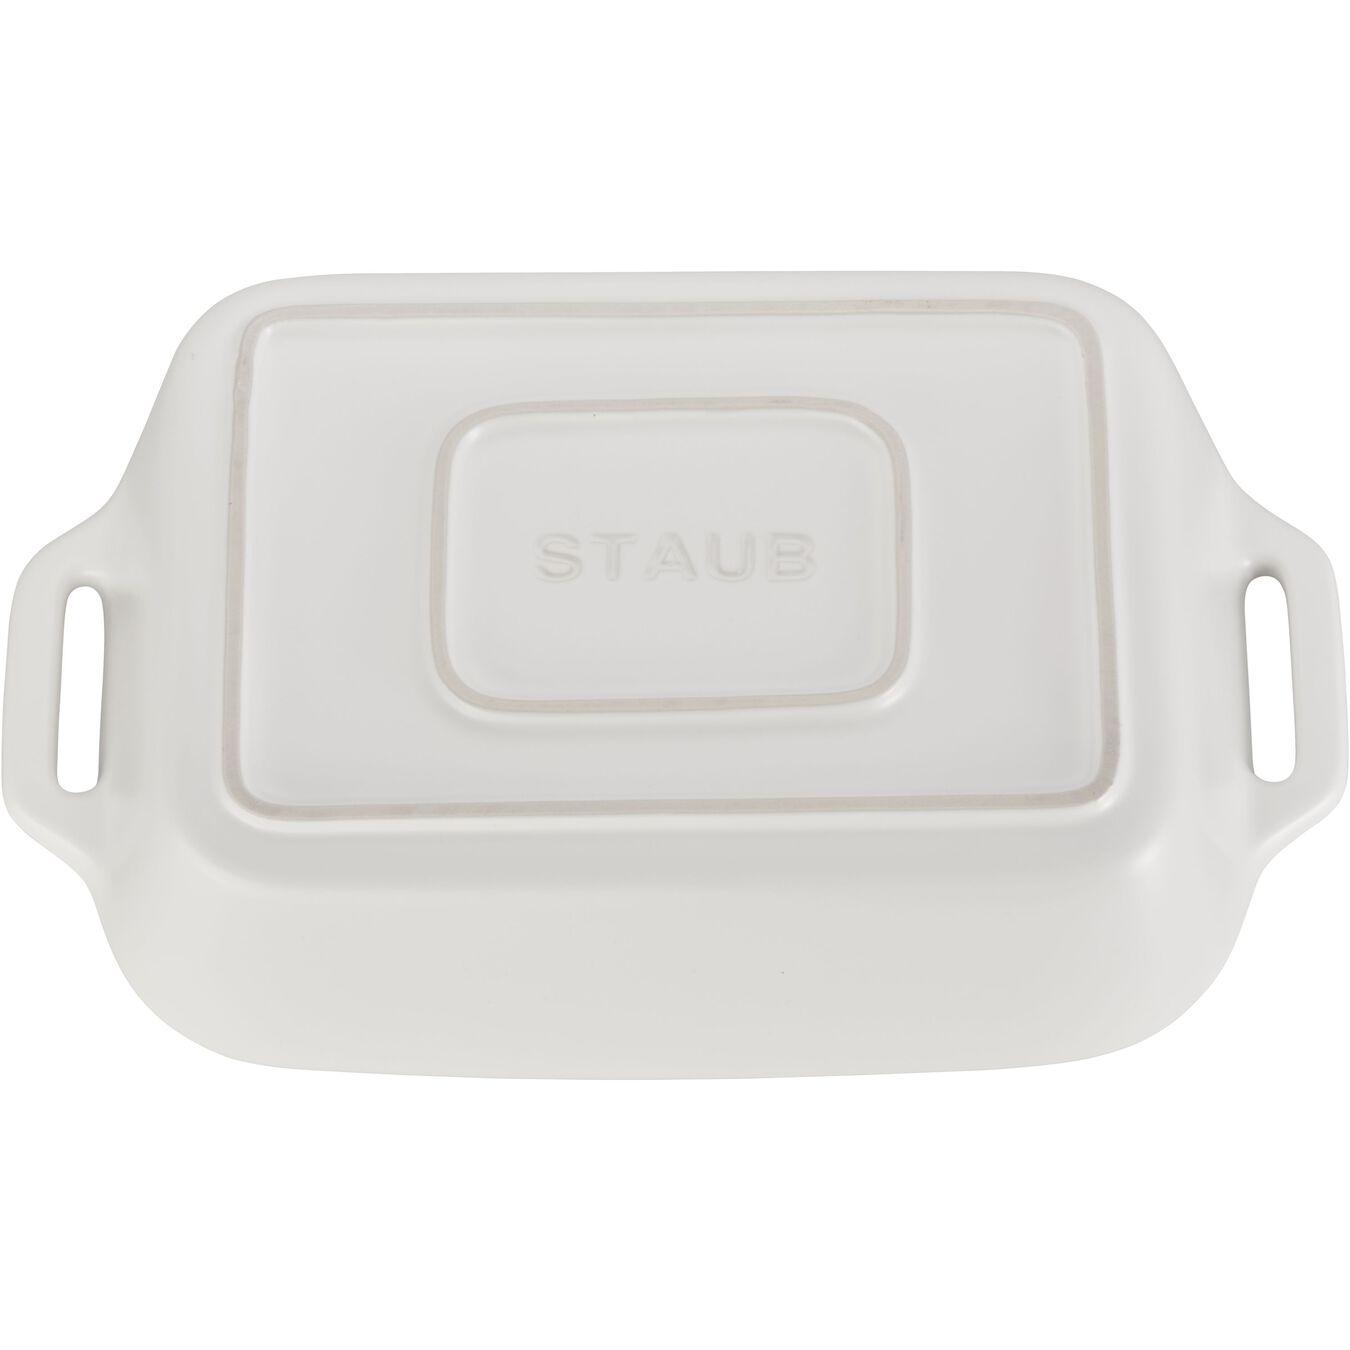 2 Piece rectangular Bakeware set, matte-white,,large 2